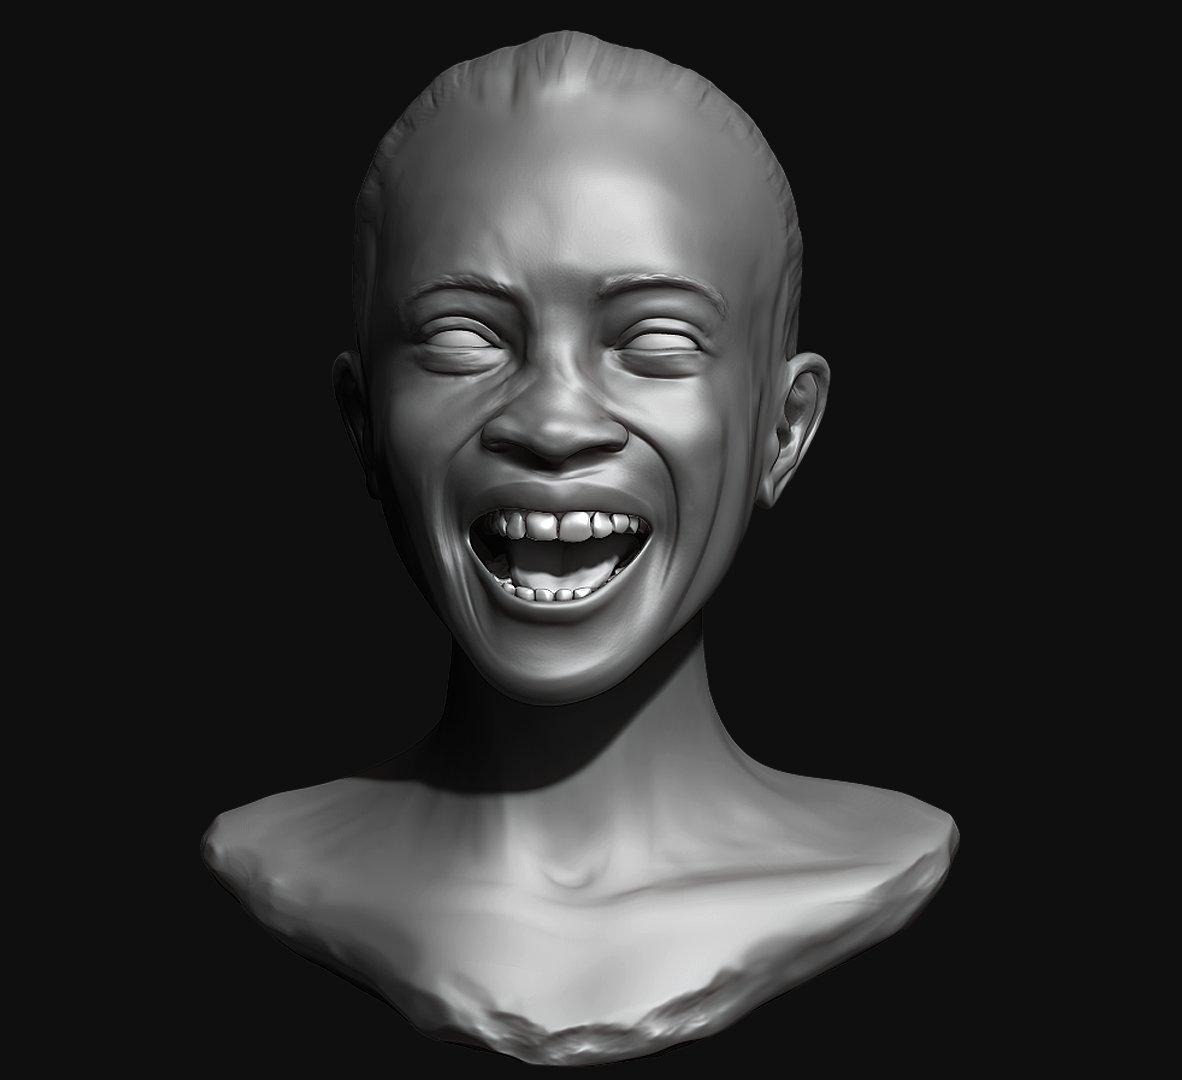 Carlos ahumada sketch laughing